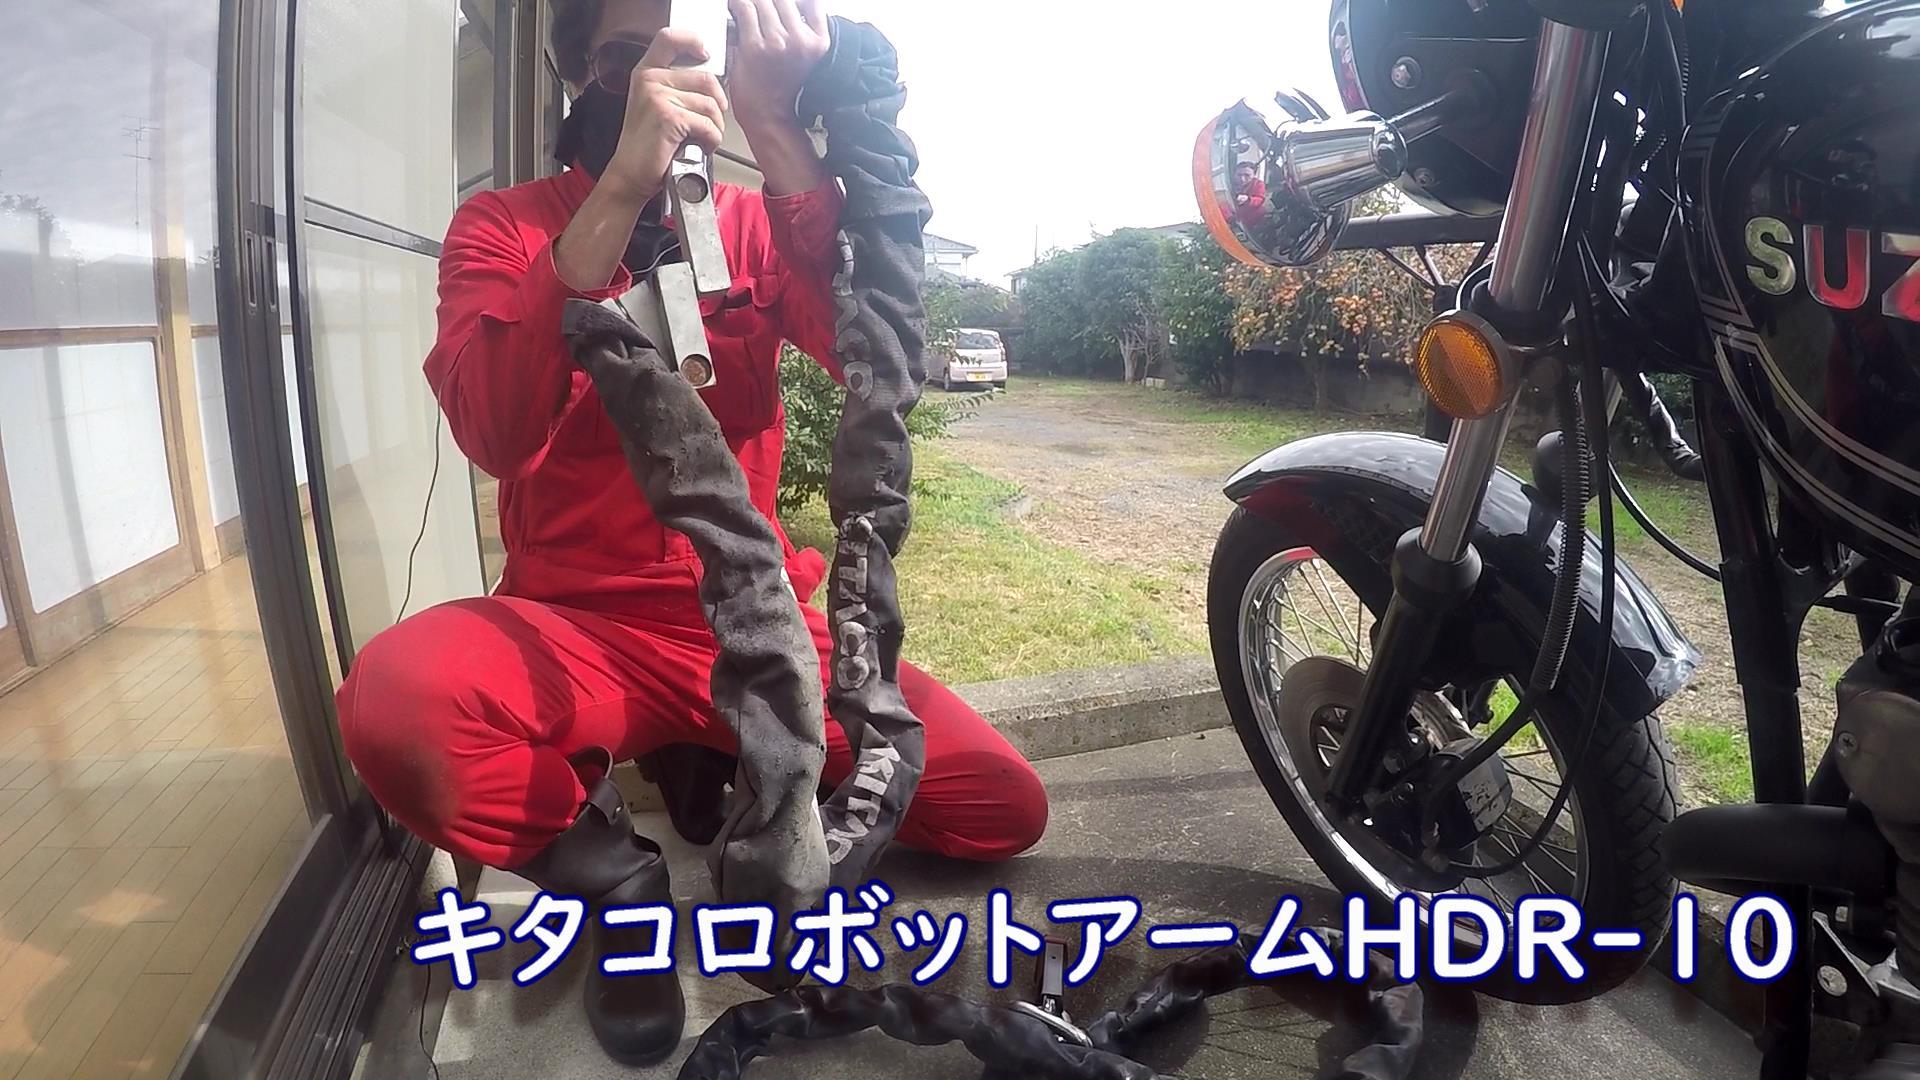 キタコウルトラロボットアームHDR10